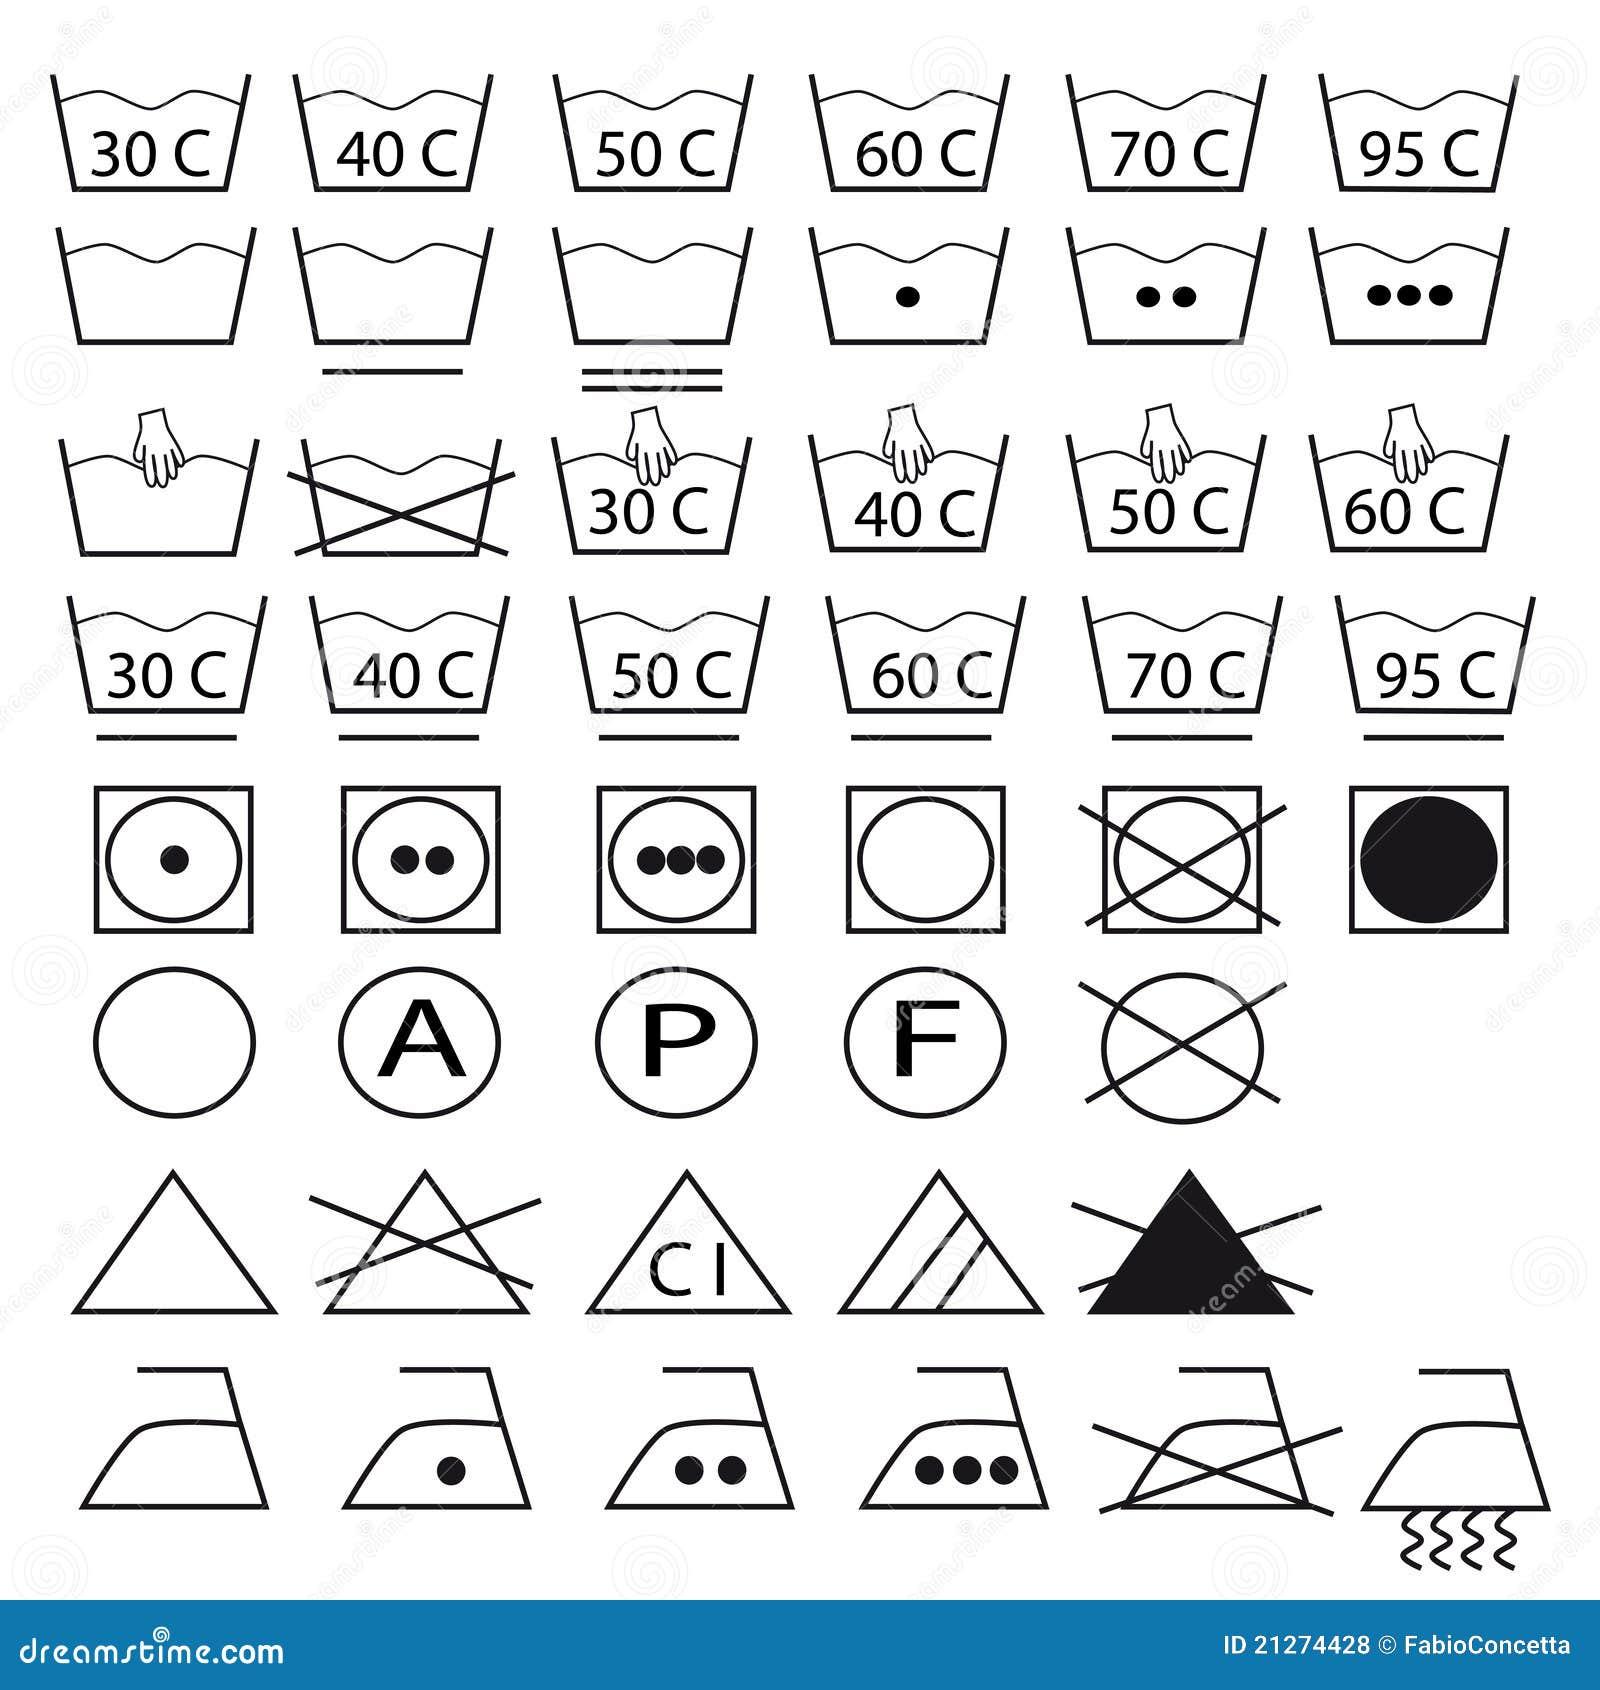 Gut bekannt Ramassage De Symboles Pour Les Vêtements De Lavage Photos libres  AI61